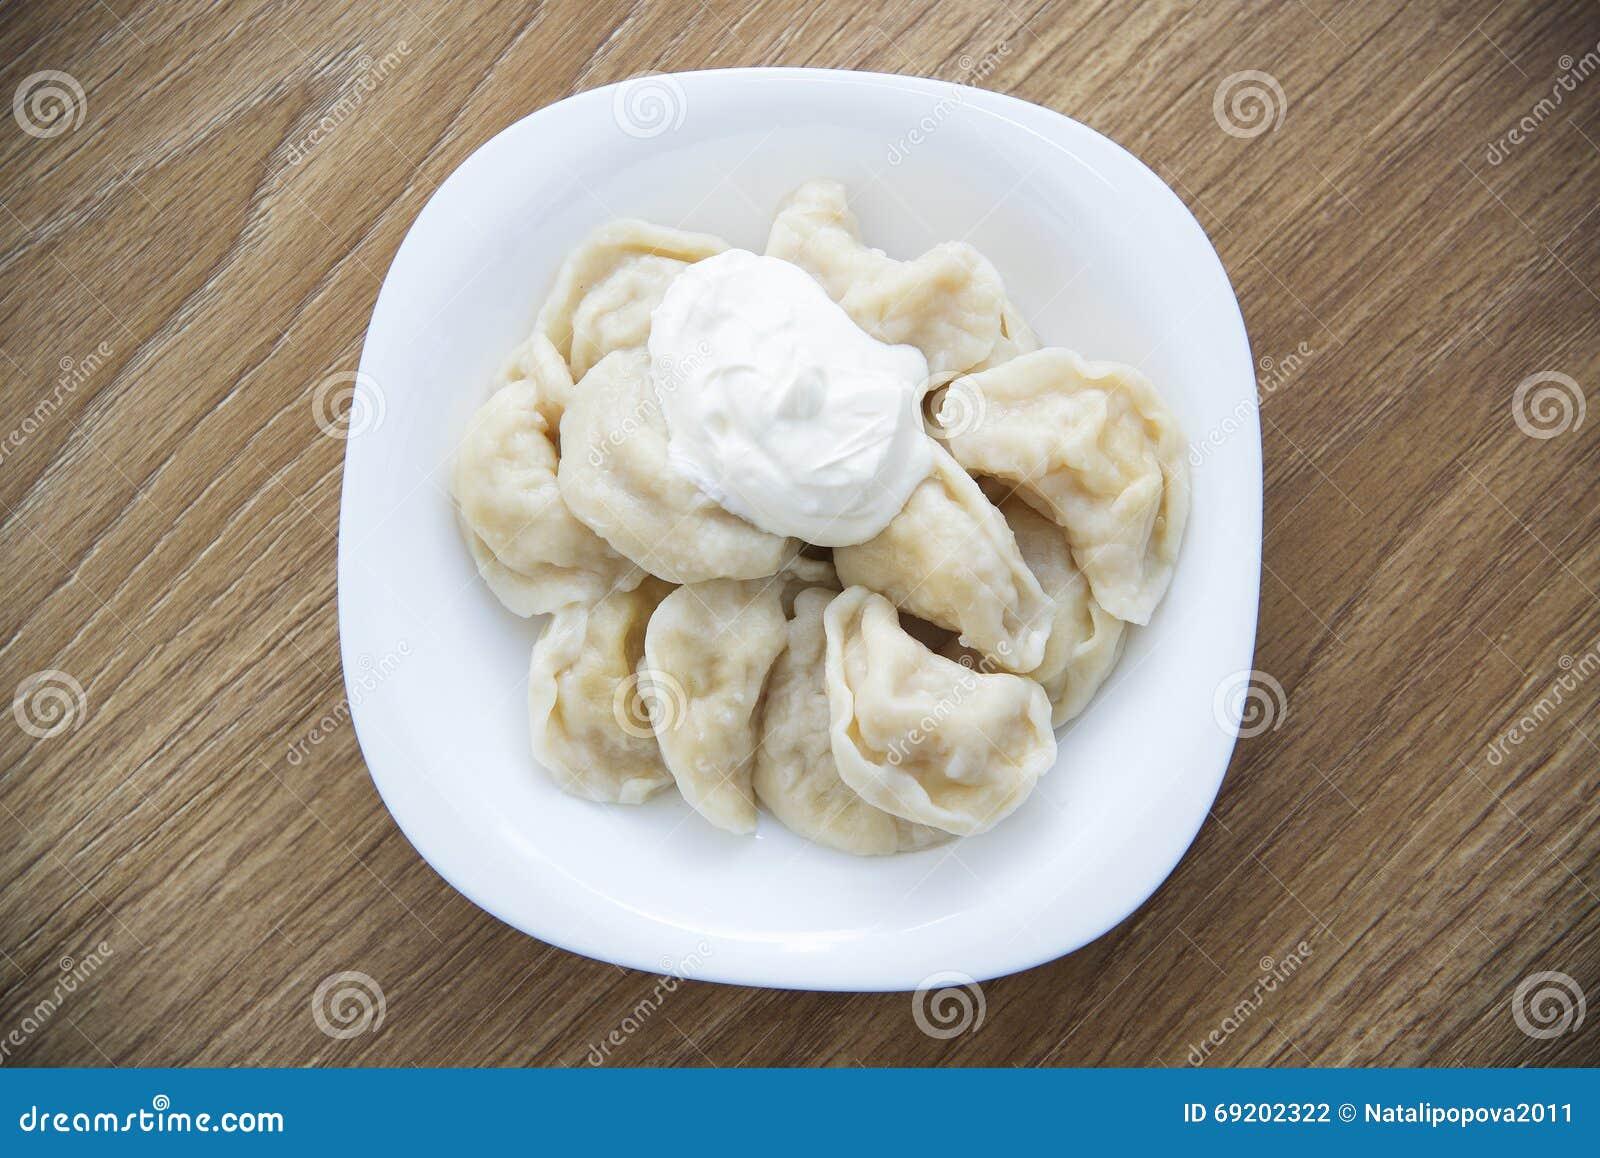 plat national russe boulettes avec des pommes de terre photo stock image 69202322. Black Bedroom Furniture Sets. Home Design Ideas